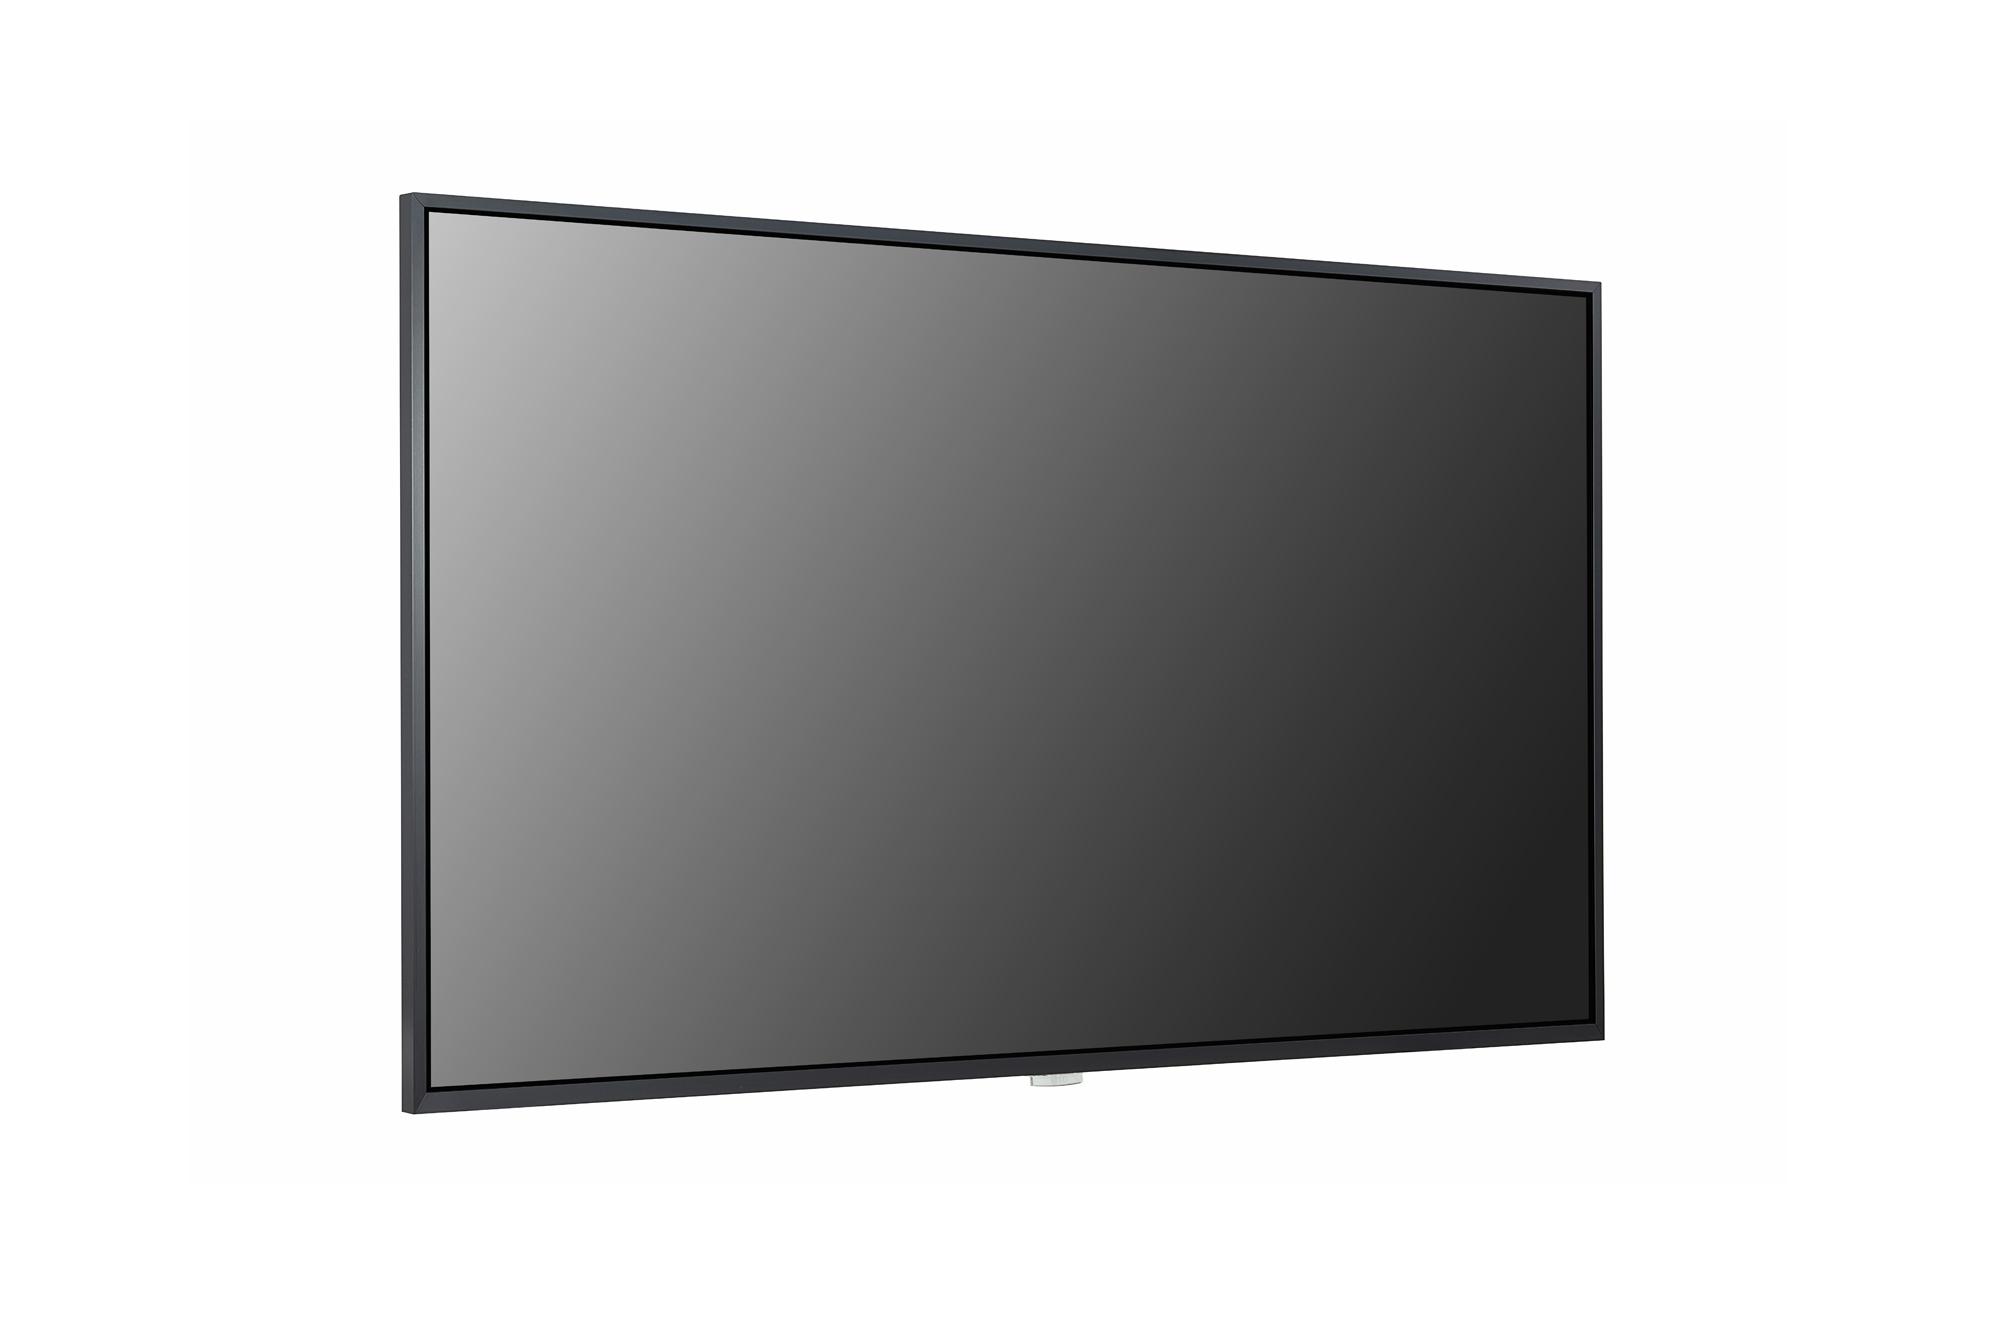 LG Standard Premium 65UH5F-B 3